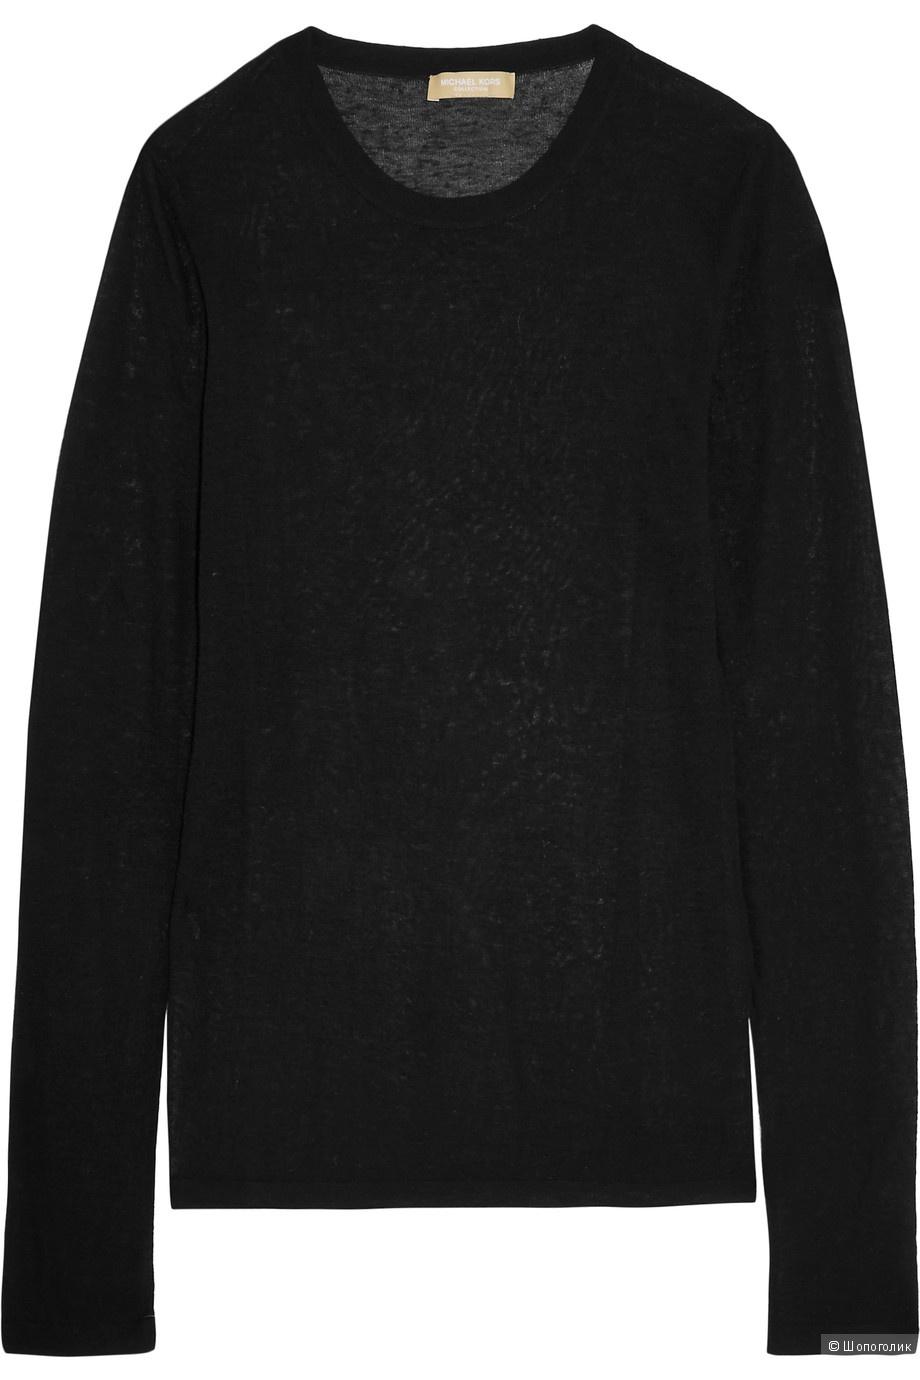 Новый свитер MICHAEL KORS COLLECTION размер XS на грудь 90 см